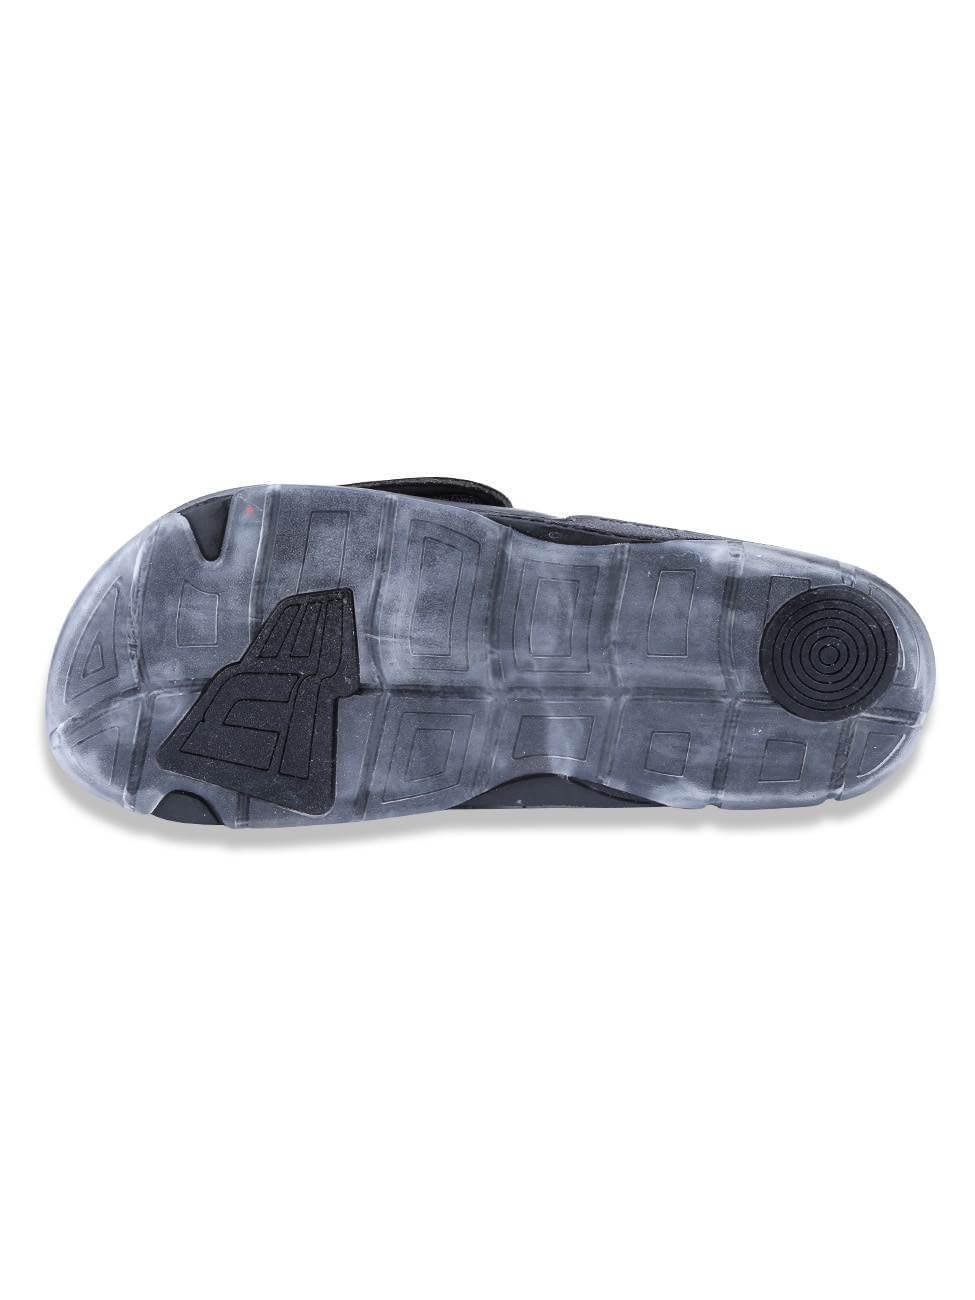 Outlet Nike – Paqueta Calçados